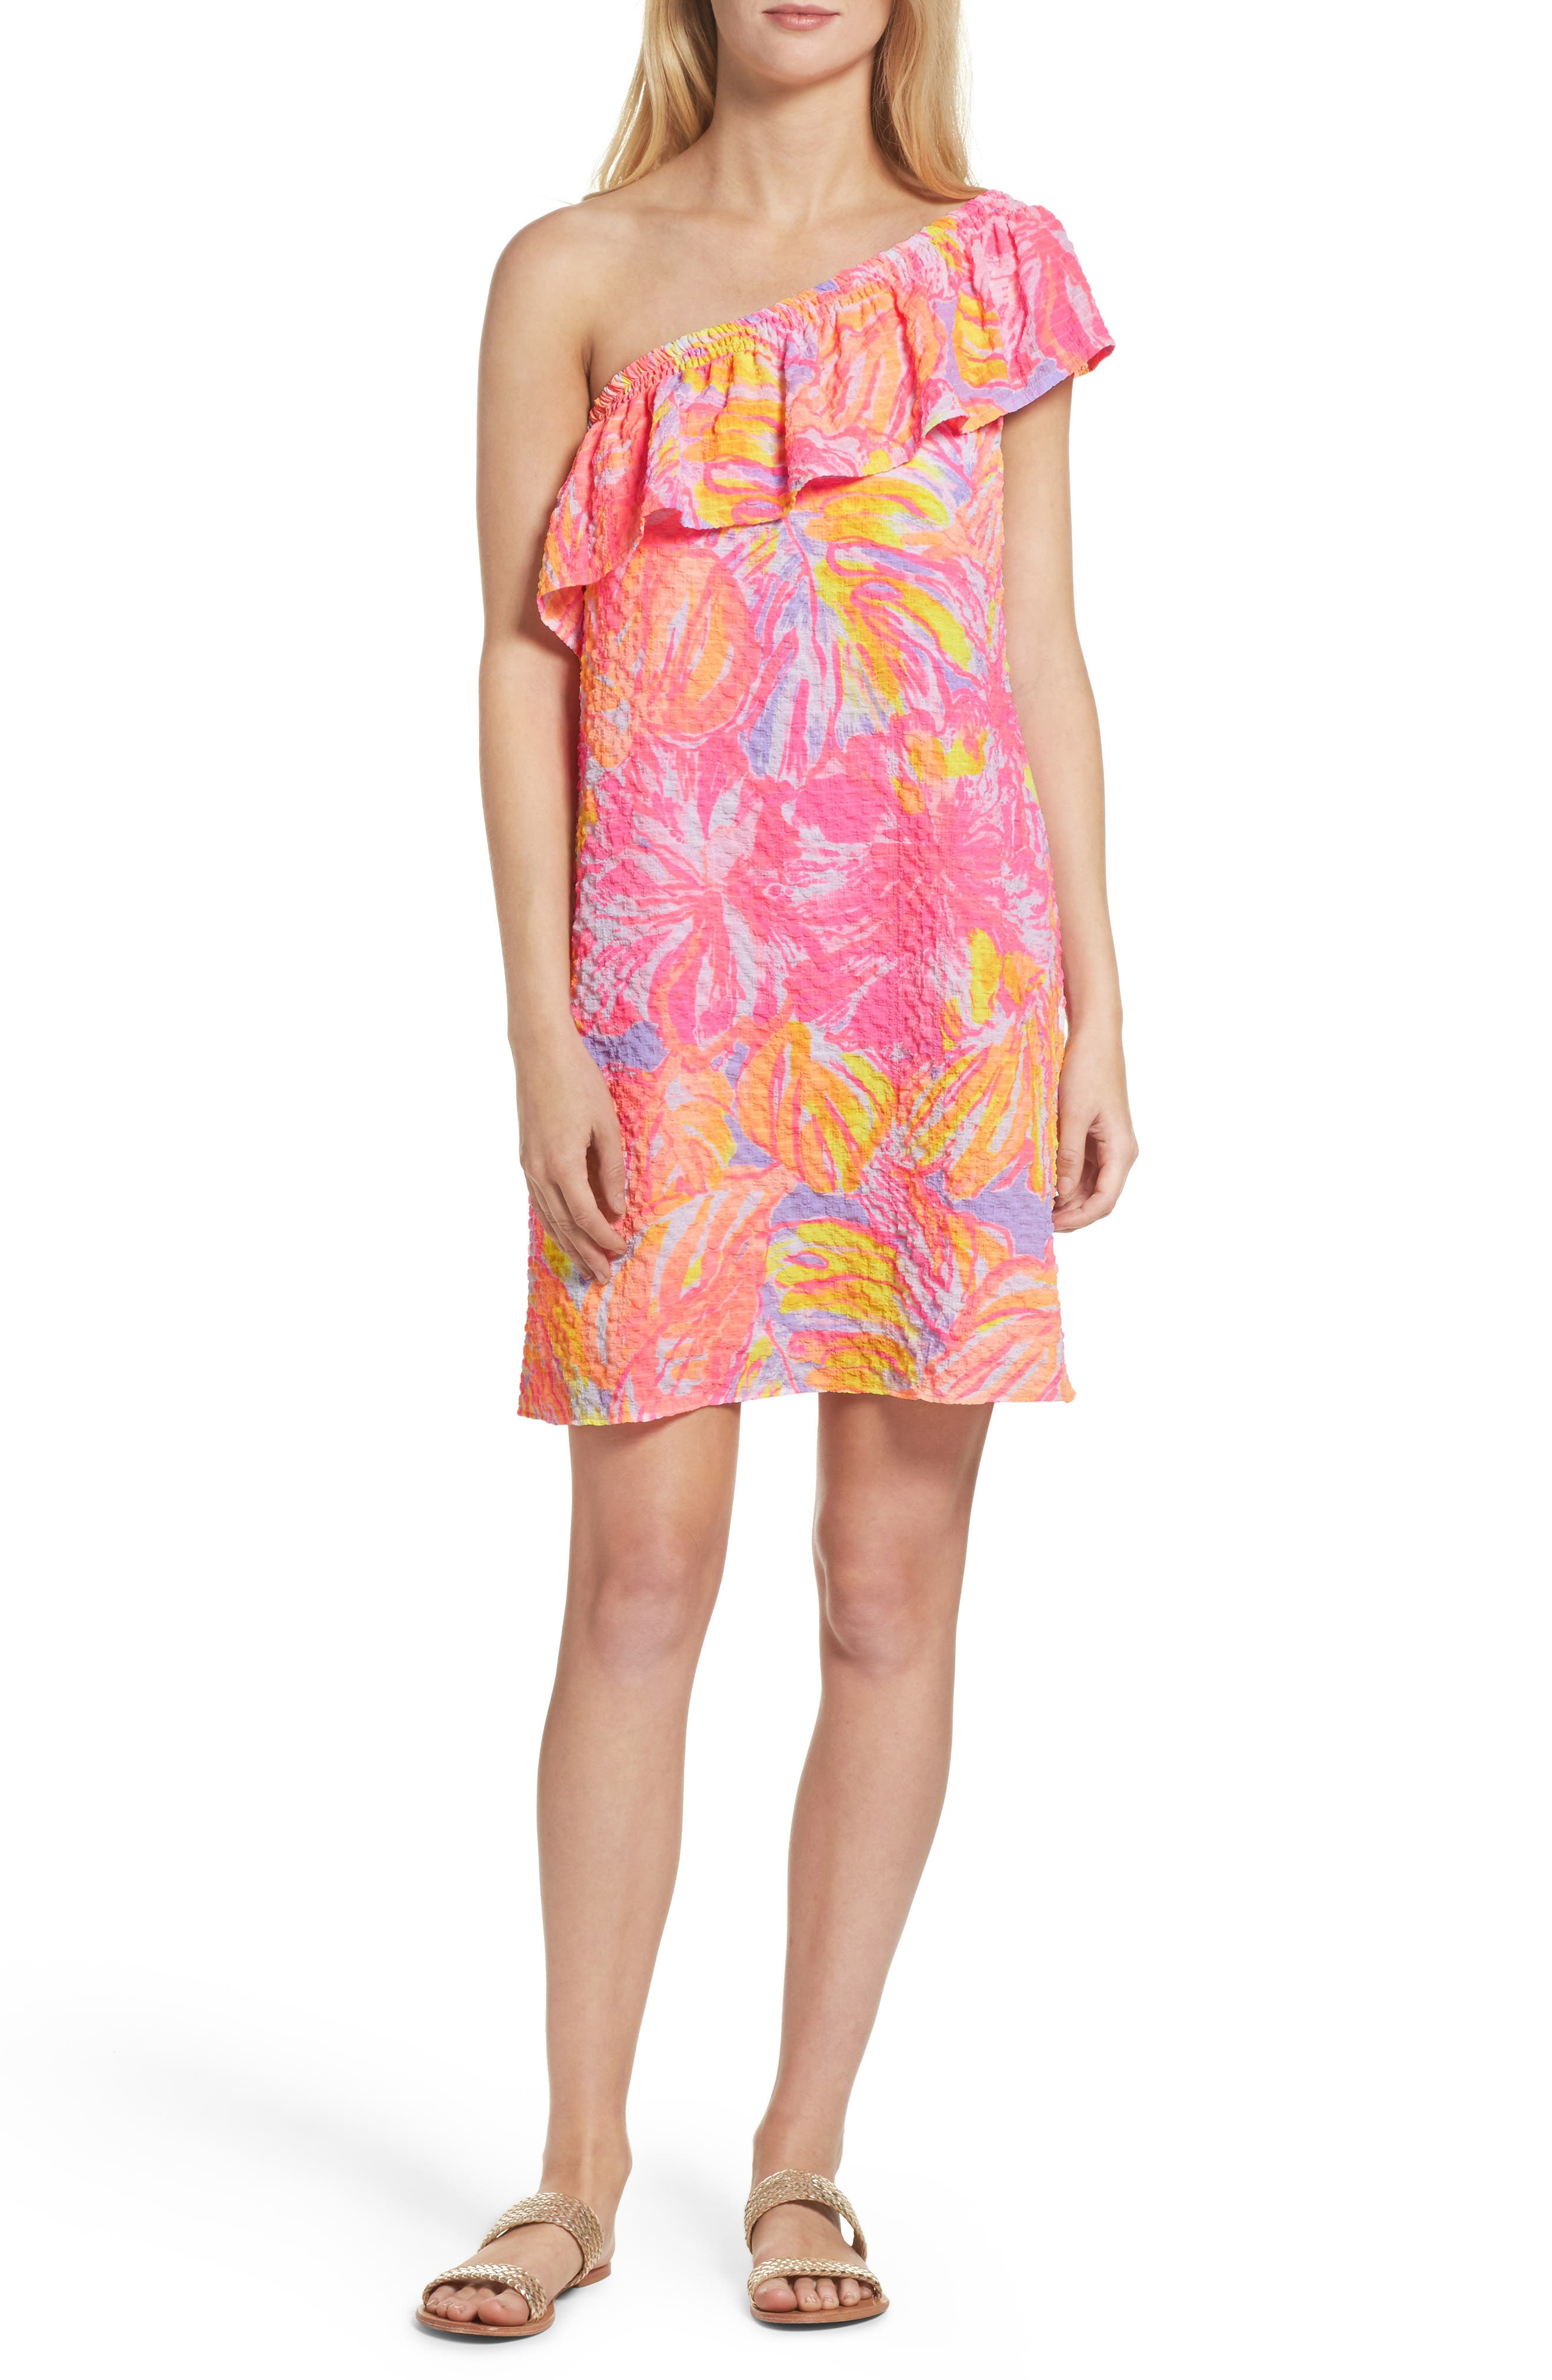 Lilly Pulitzer® Emmeline One-Shoulder Dress